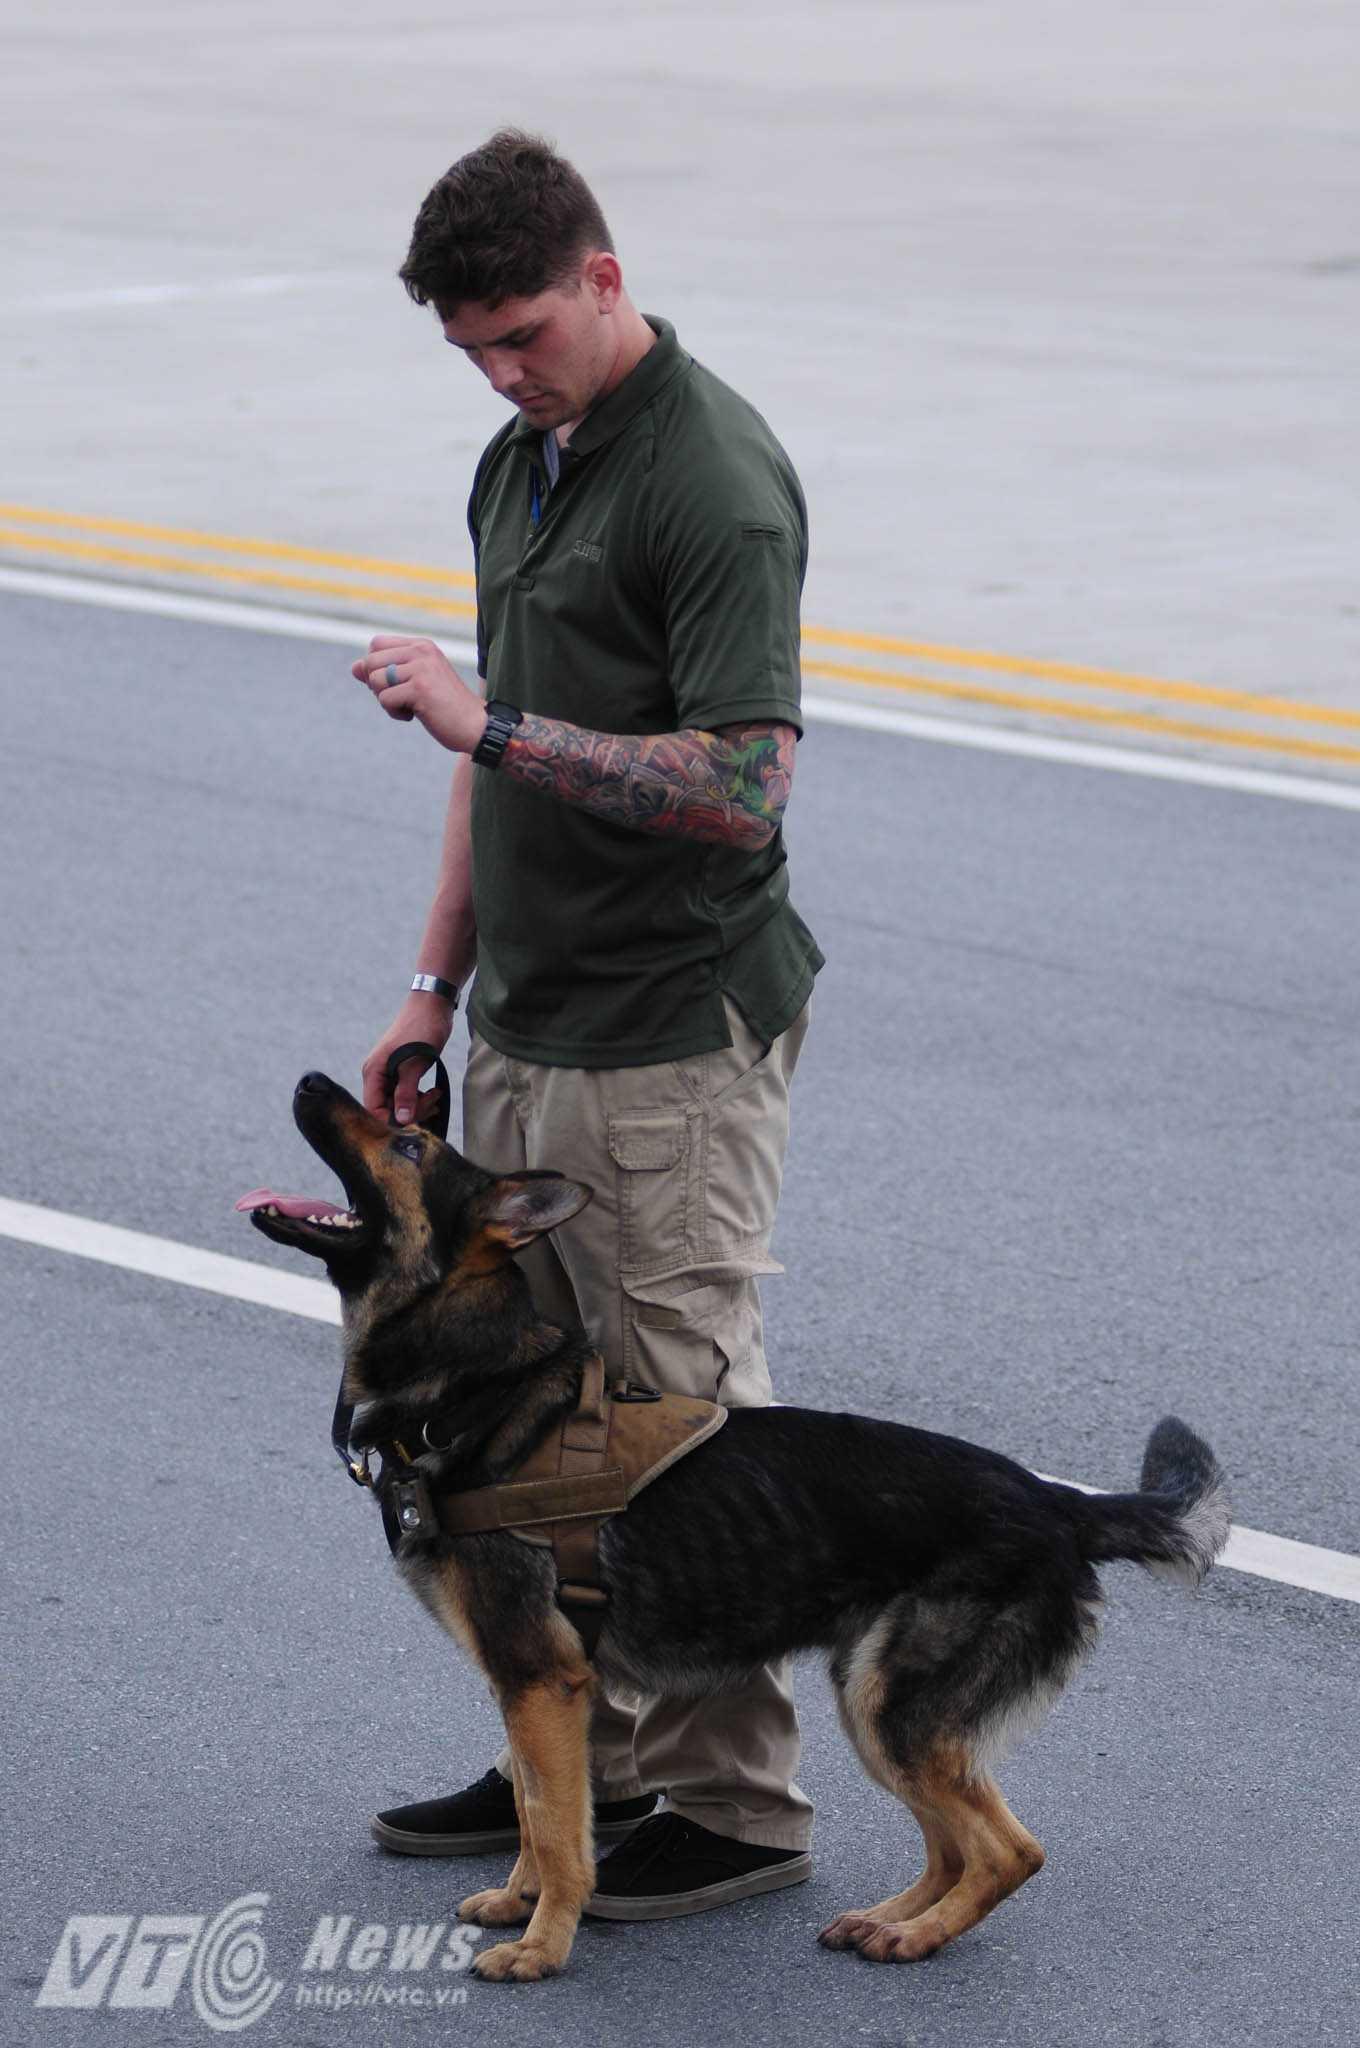 Những chú chó rất nhanh nhẹn, tinh nhuệ - Ảnh: Tùng Đinh